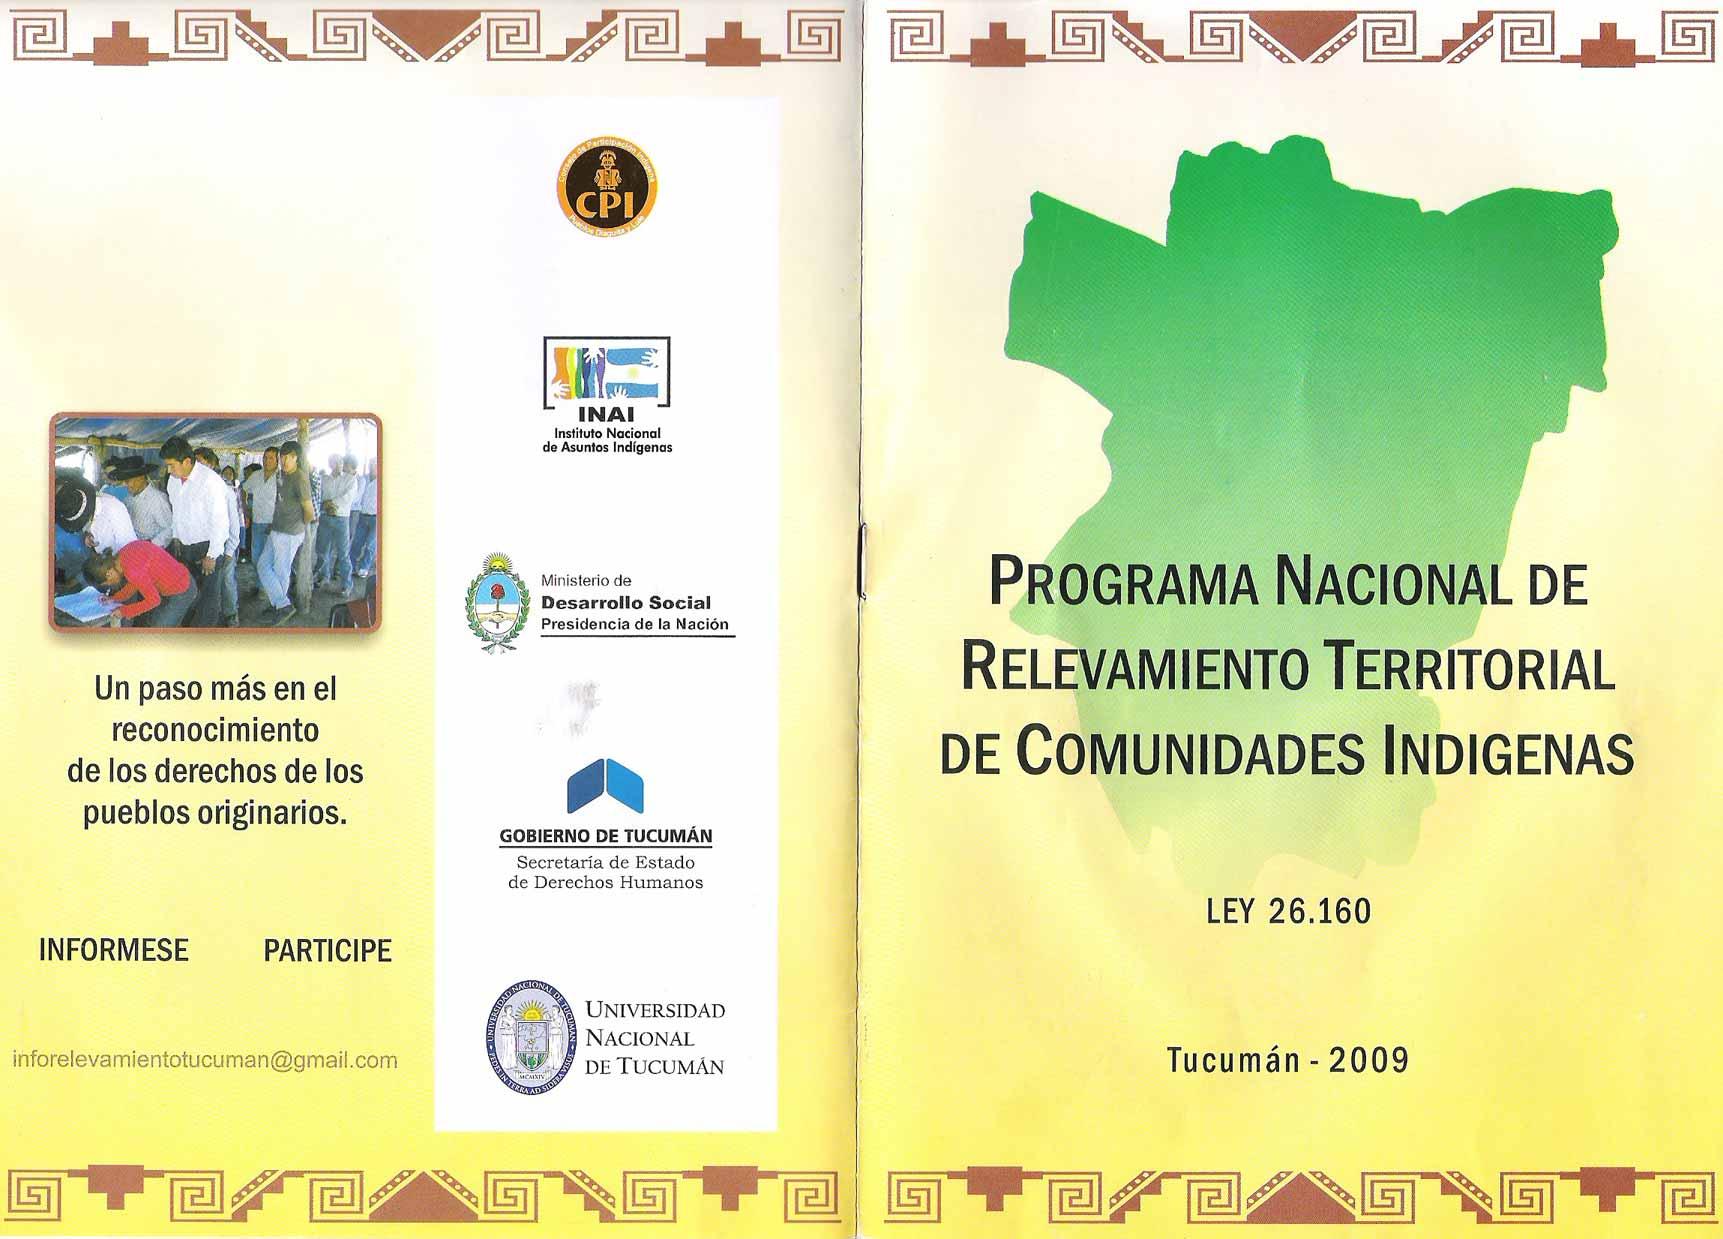 folleto1.jpg